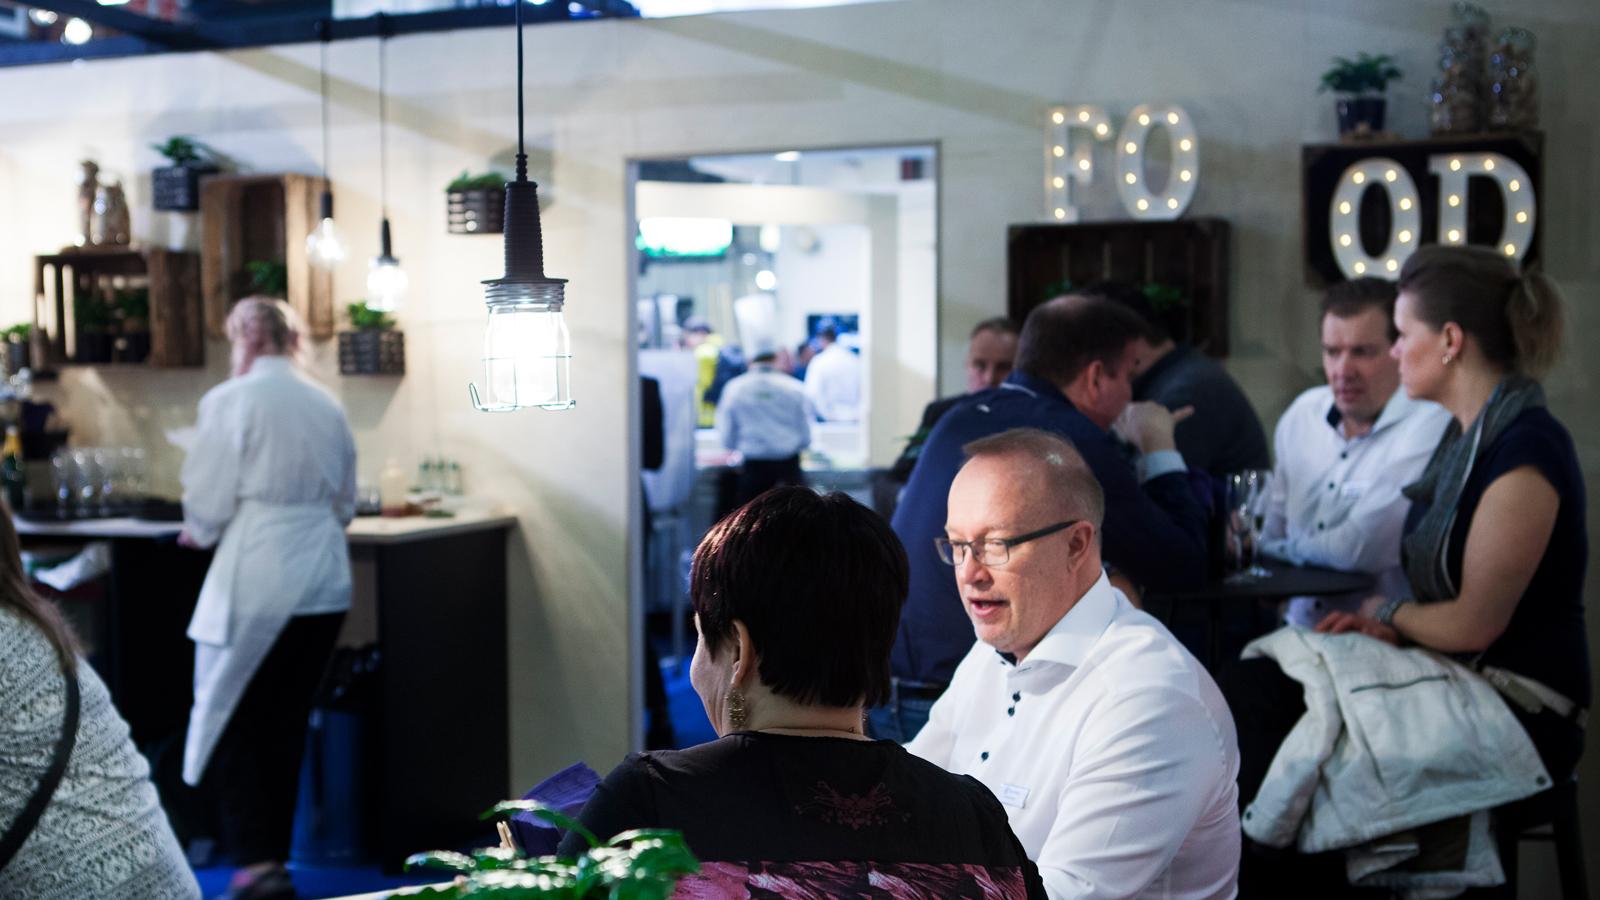 Electroluxin keittiössä Suomen Kokkimaajoukkue loihti menun Electroluxin laitteilla.